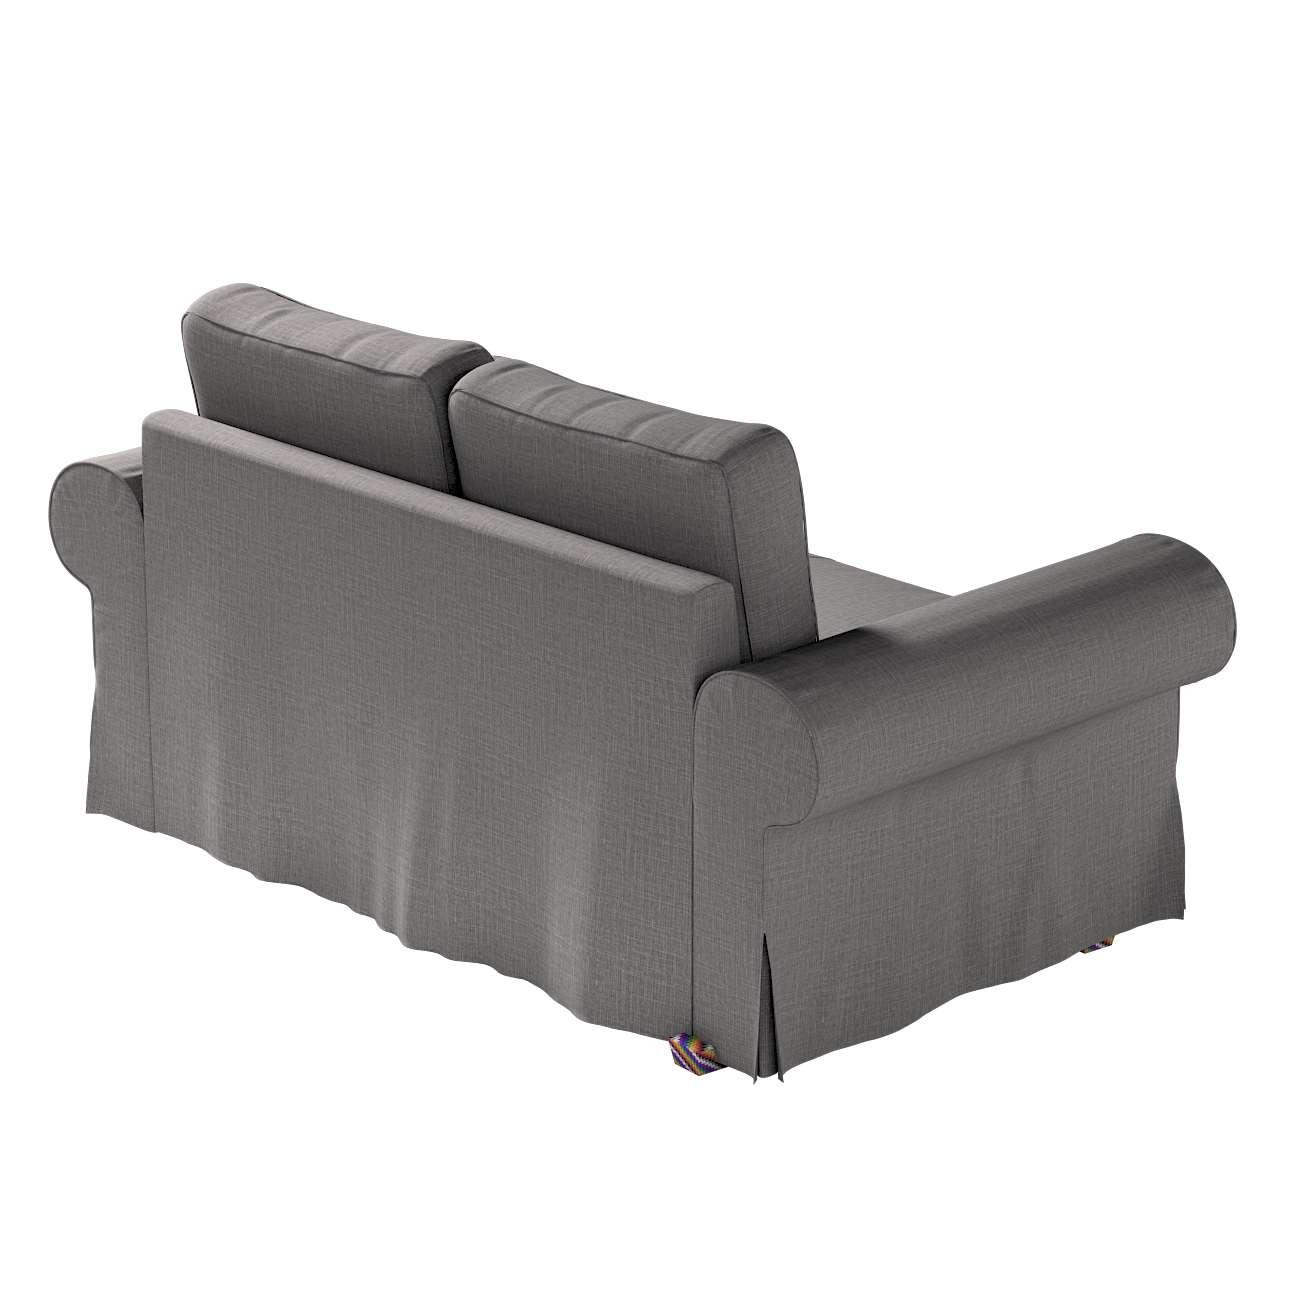 Pokrowiec na sofę Backabro 2-osobową rozkładaną w kolekcji Living, tkanina: 161-16